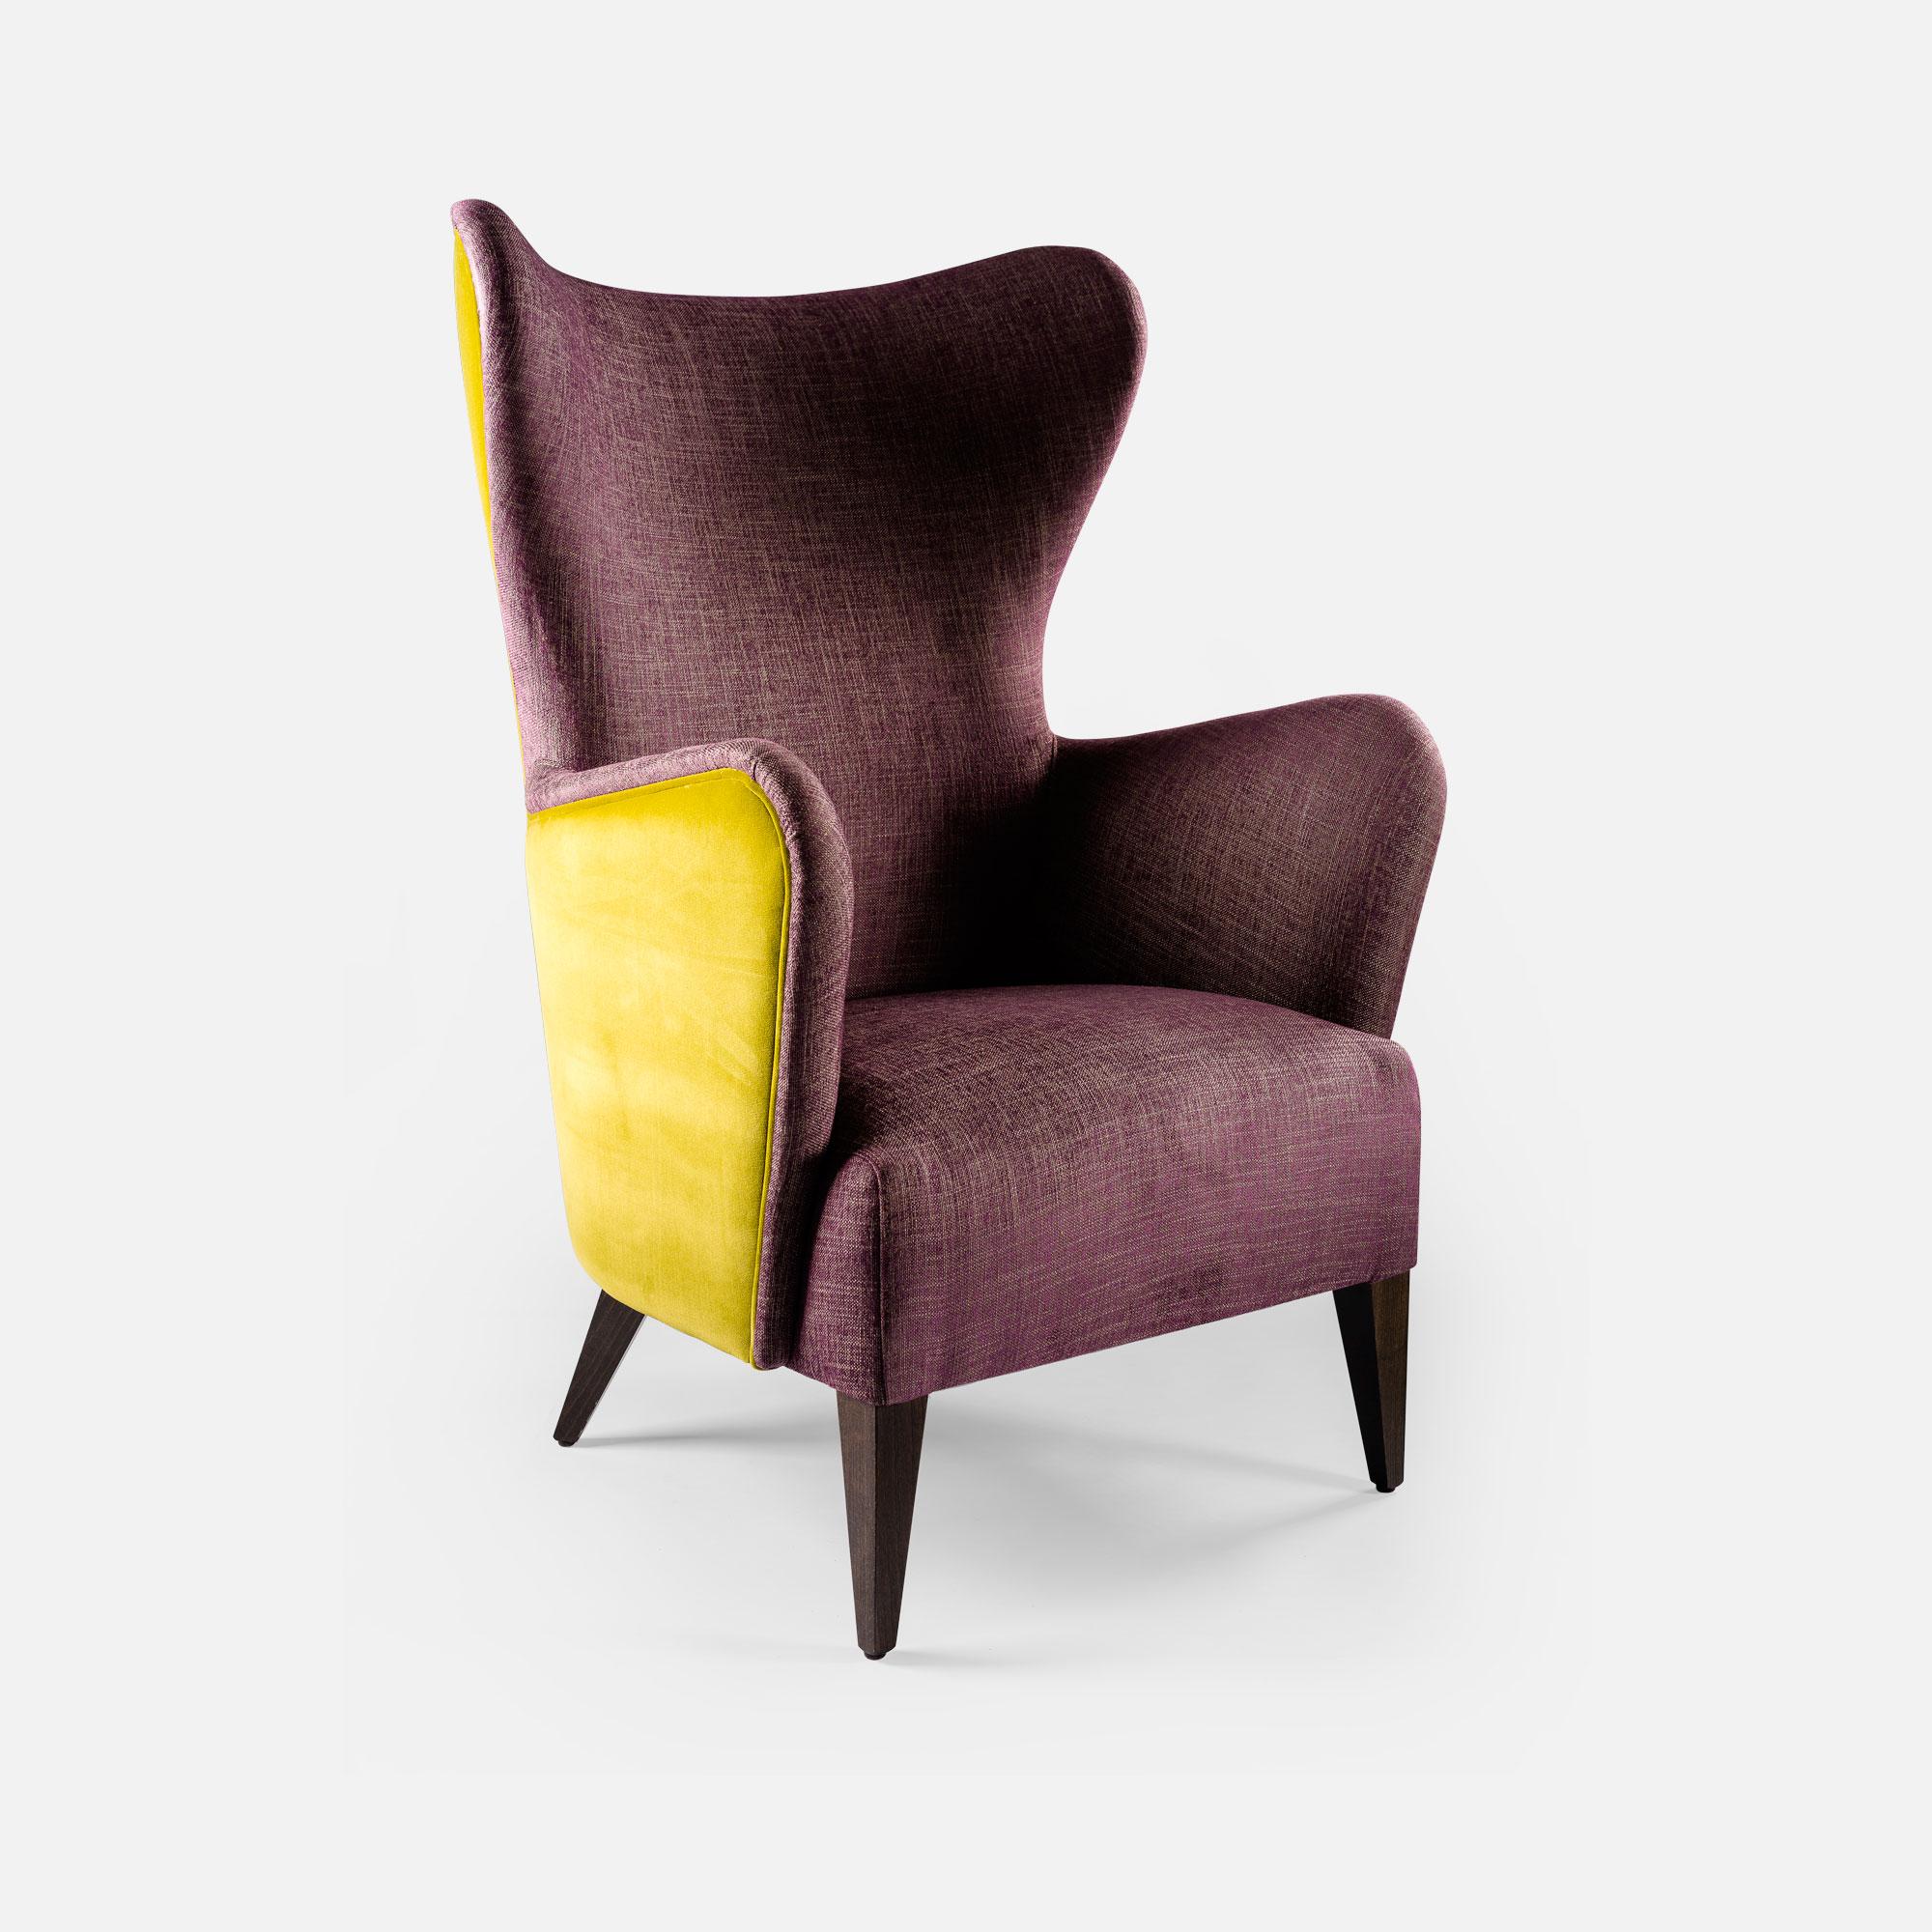 Bergere chair for Hotel restaurant bar Loft